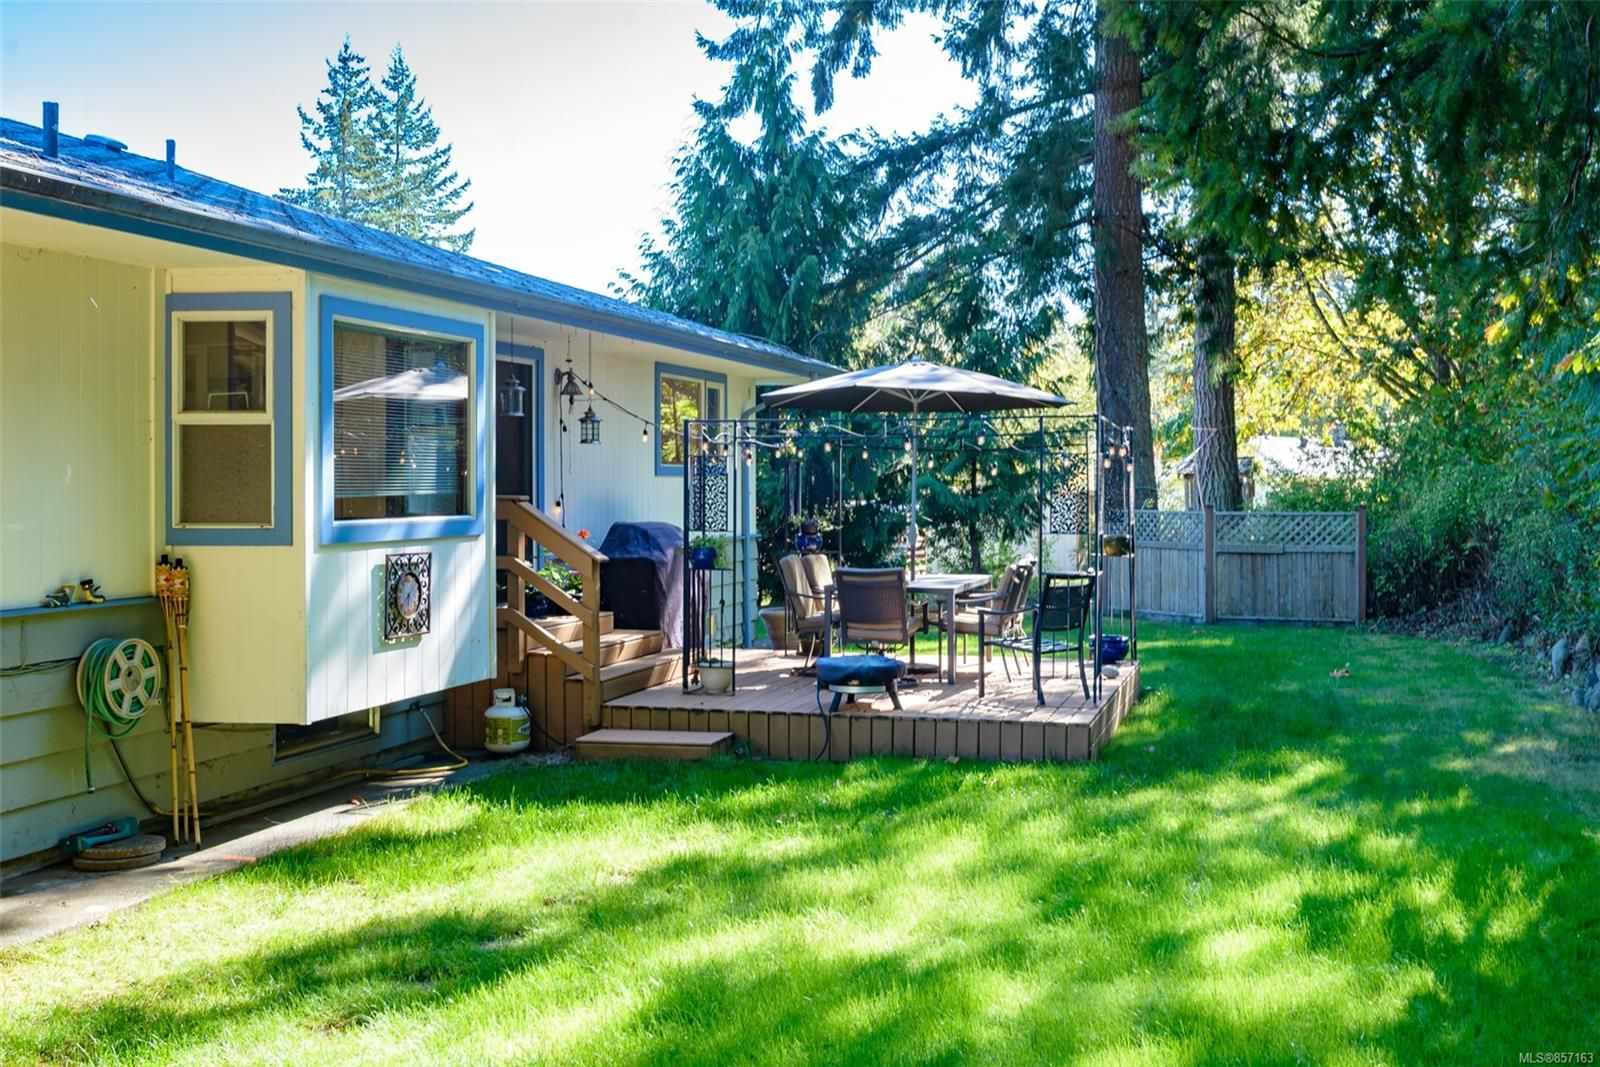 Photo 51: Photos: 4241 Buddington Rd in : CV Courtenay South House for sale (Comox Valley)  : MLS®# 857163